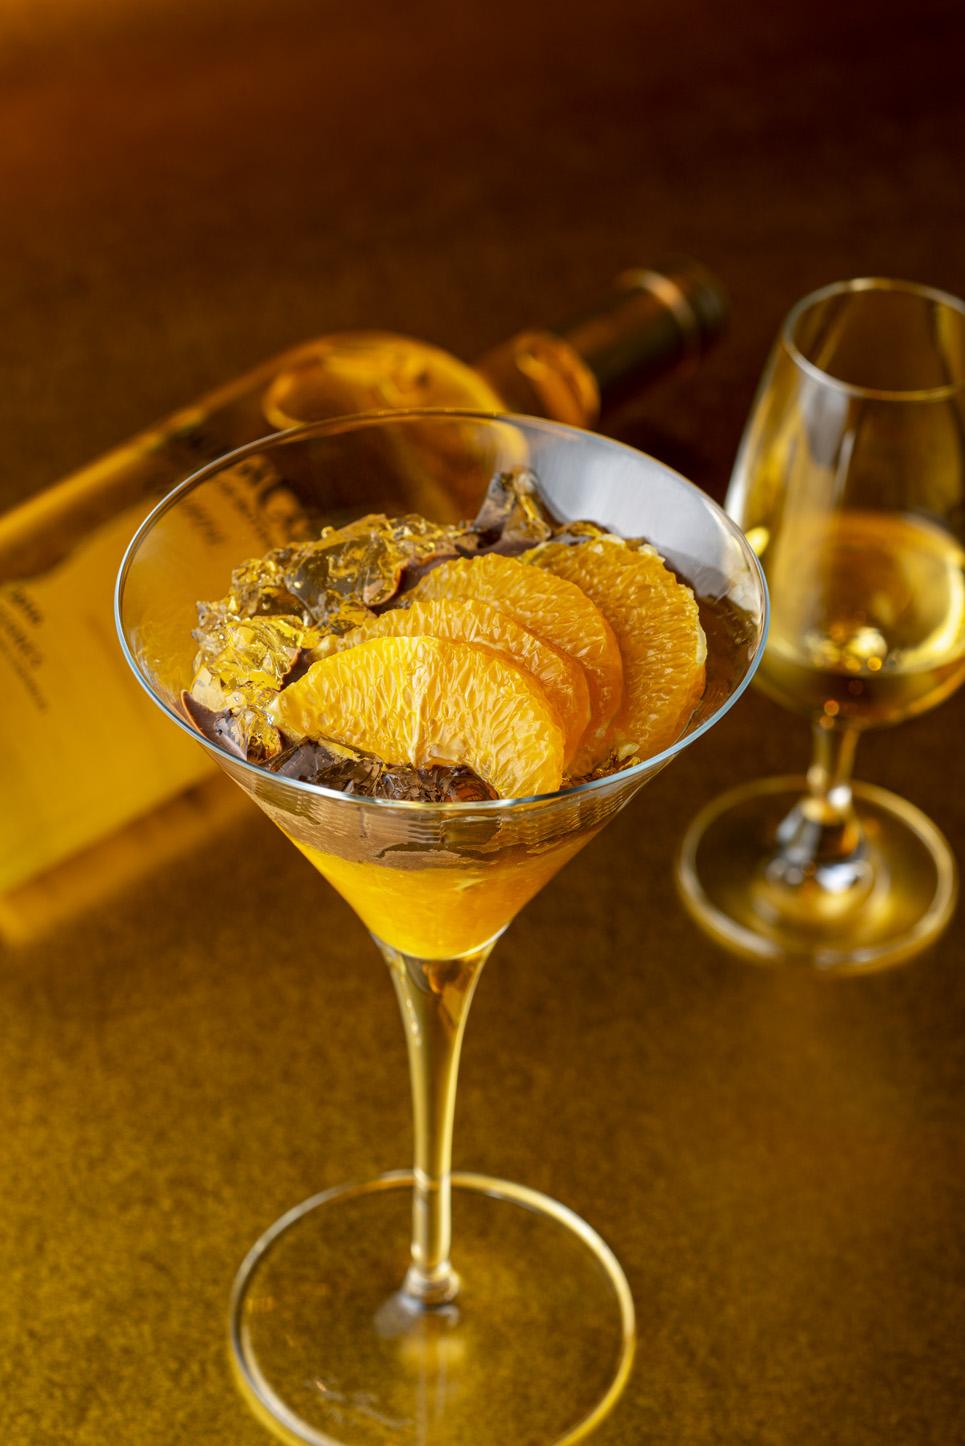 wine-parfait%e3%83%af%e3%82%a4%e3%83%b3%e3%82%b7%e3%83%a7%e3%83%83%e3%83%97%e3%83%bb%e3%82%a8%e3%83%8e%e3%83%86%e3%82%ab-%ef%bc%86-%e3%83%90%e3%83%bc-2